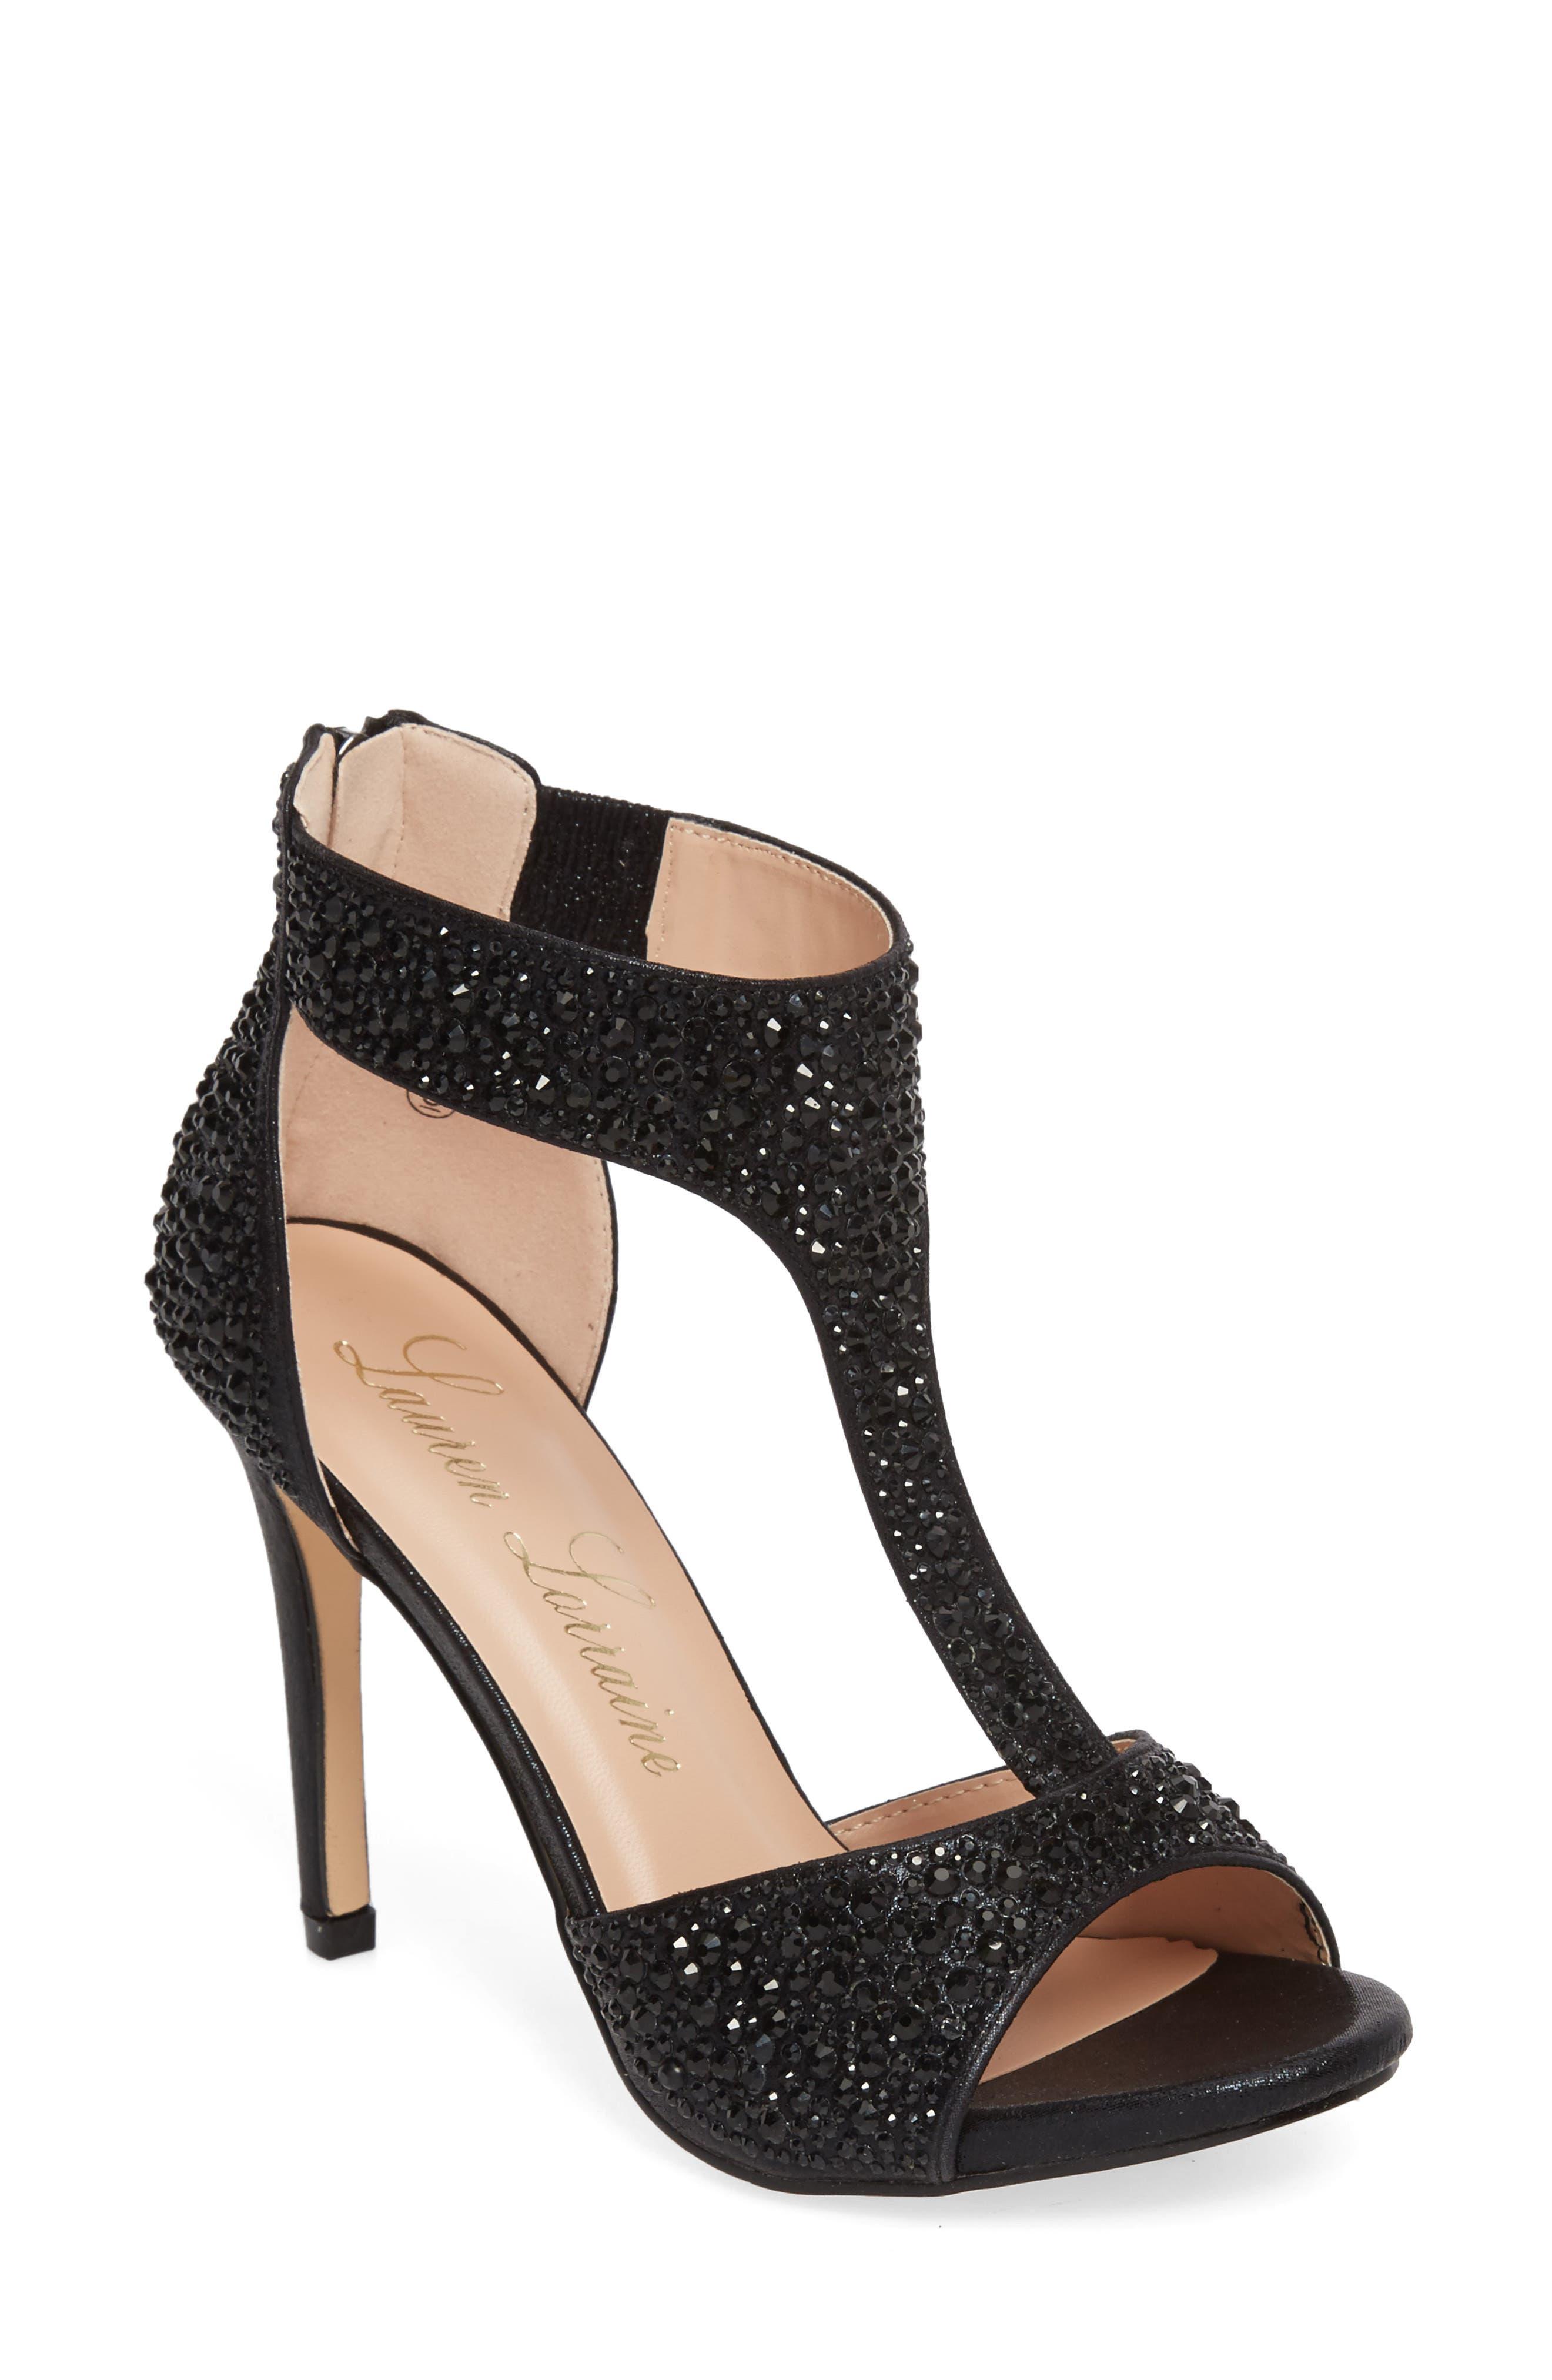 Ina Crystal Embellished Sandal,                         Main,                         color, BLACK